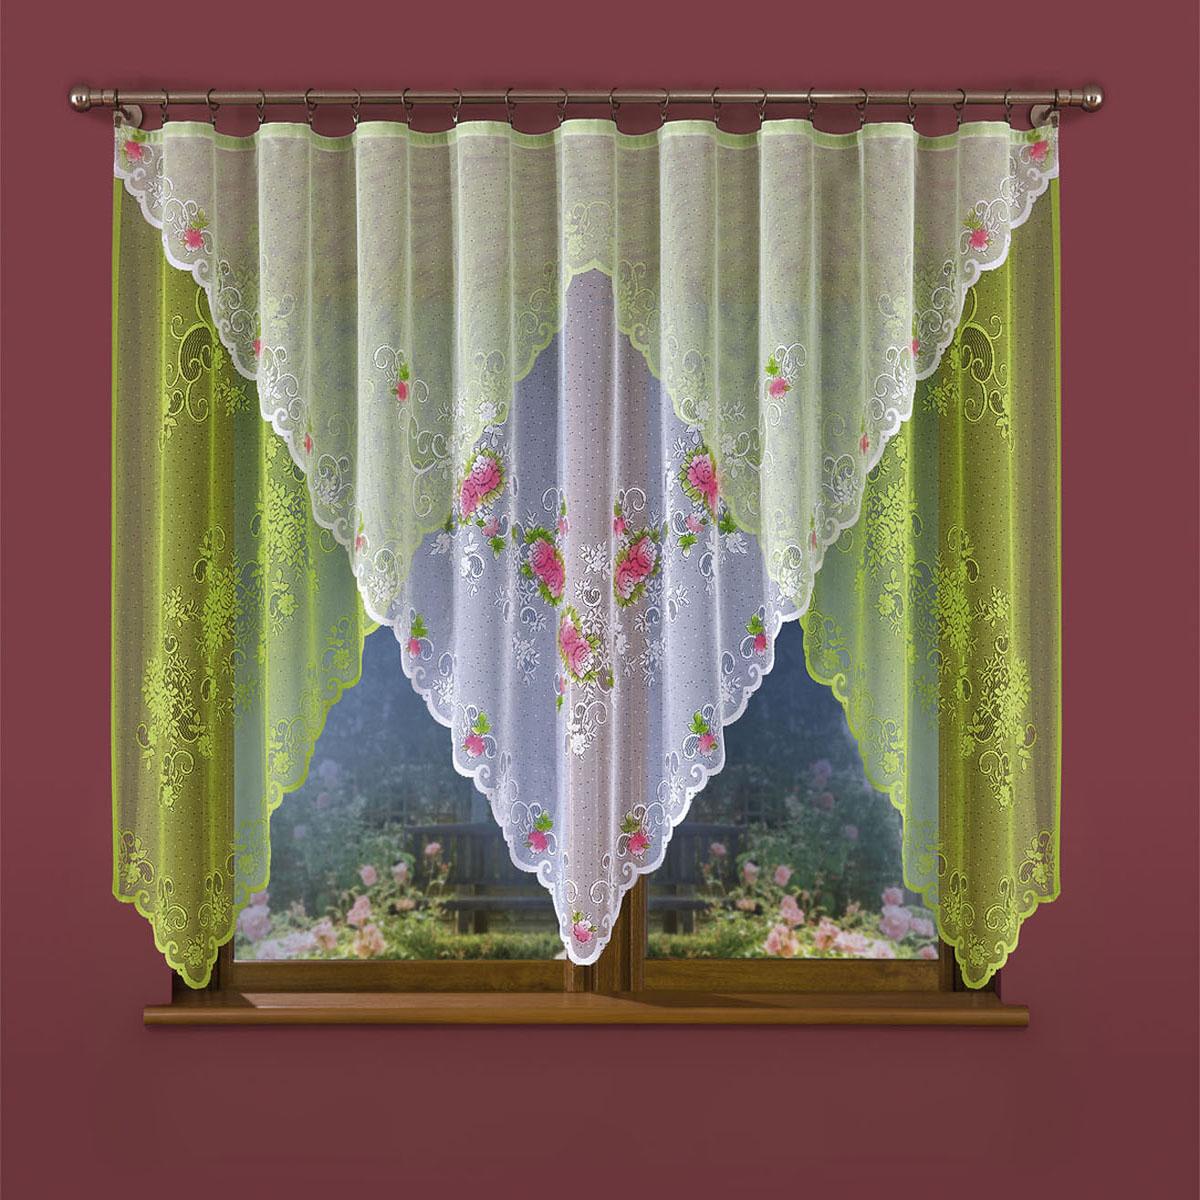 Гардина Wisan, цвет: белый, зеленый, ширина 300 см, высота 150 см. 655W655Wвид крепления - под зажимы для штор Размеры: ширина 300*высота 150